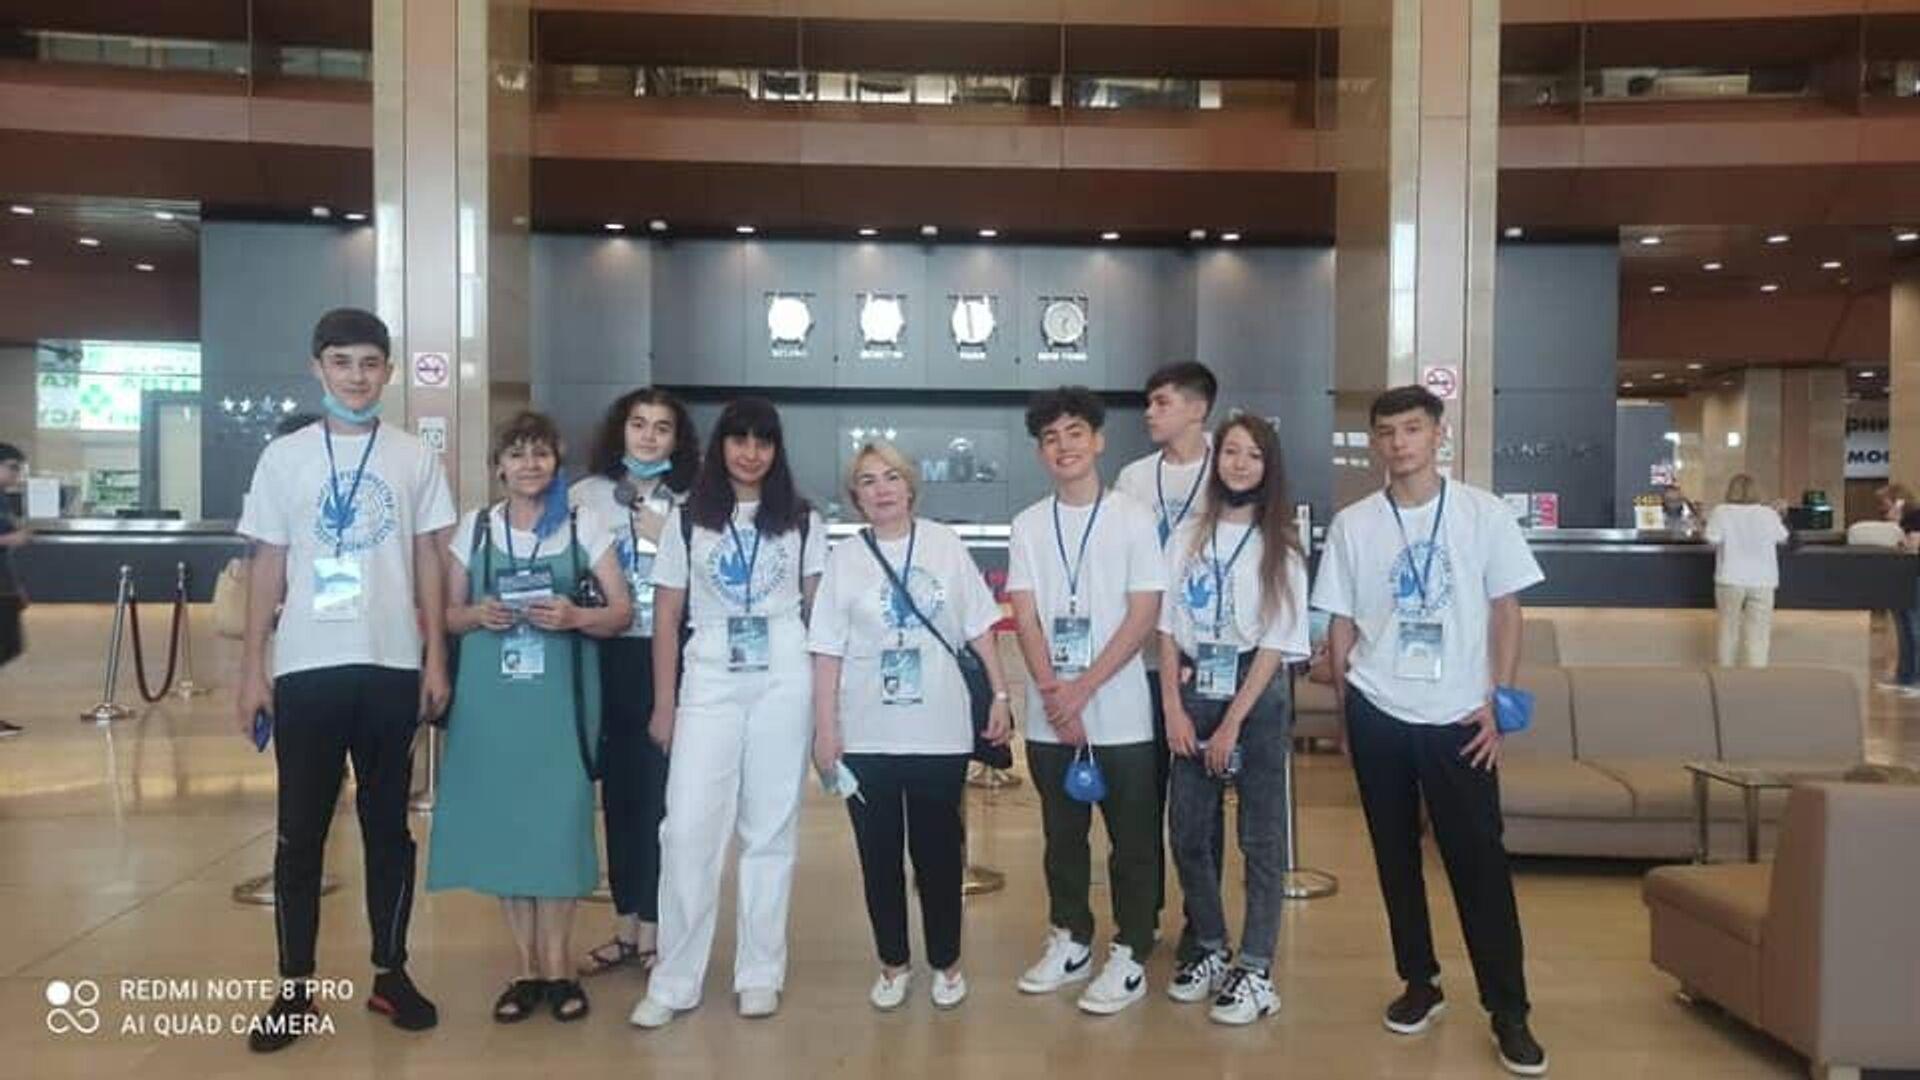 Команда школьников из Таджикистана прилетела в Москву по ежегодной программе Здравствуй, Россия! - Sputnik Таджикистан, 1920, 12.08.2021